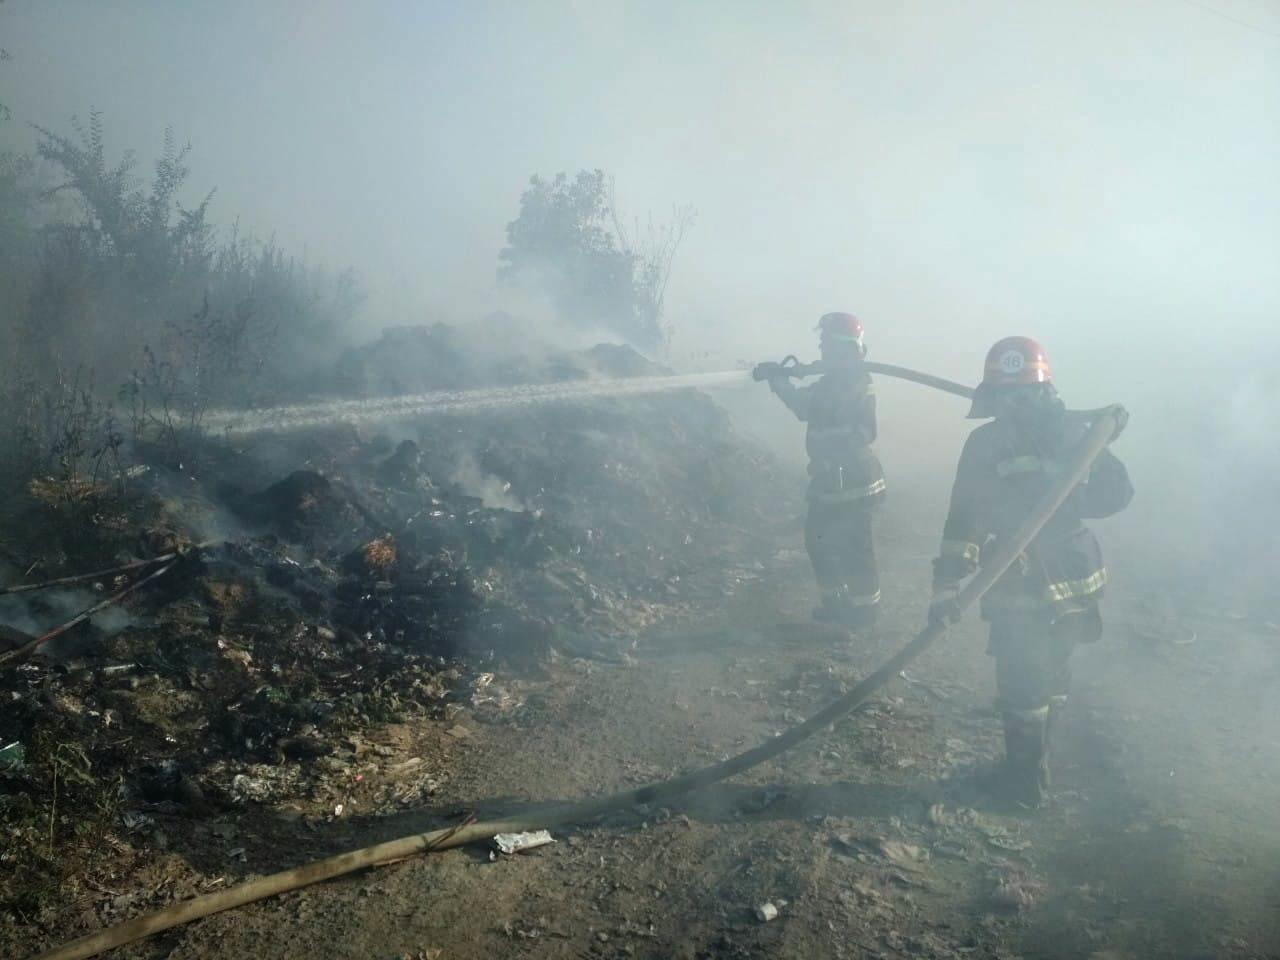 Под Днепром спасатели вторые сутки борются с масштабным пожаром на городской свалке, - ФОТО, фото-2